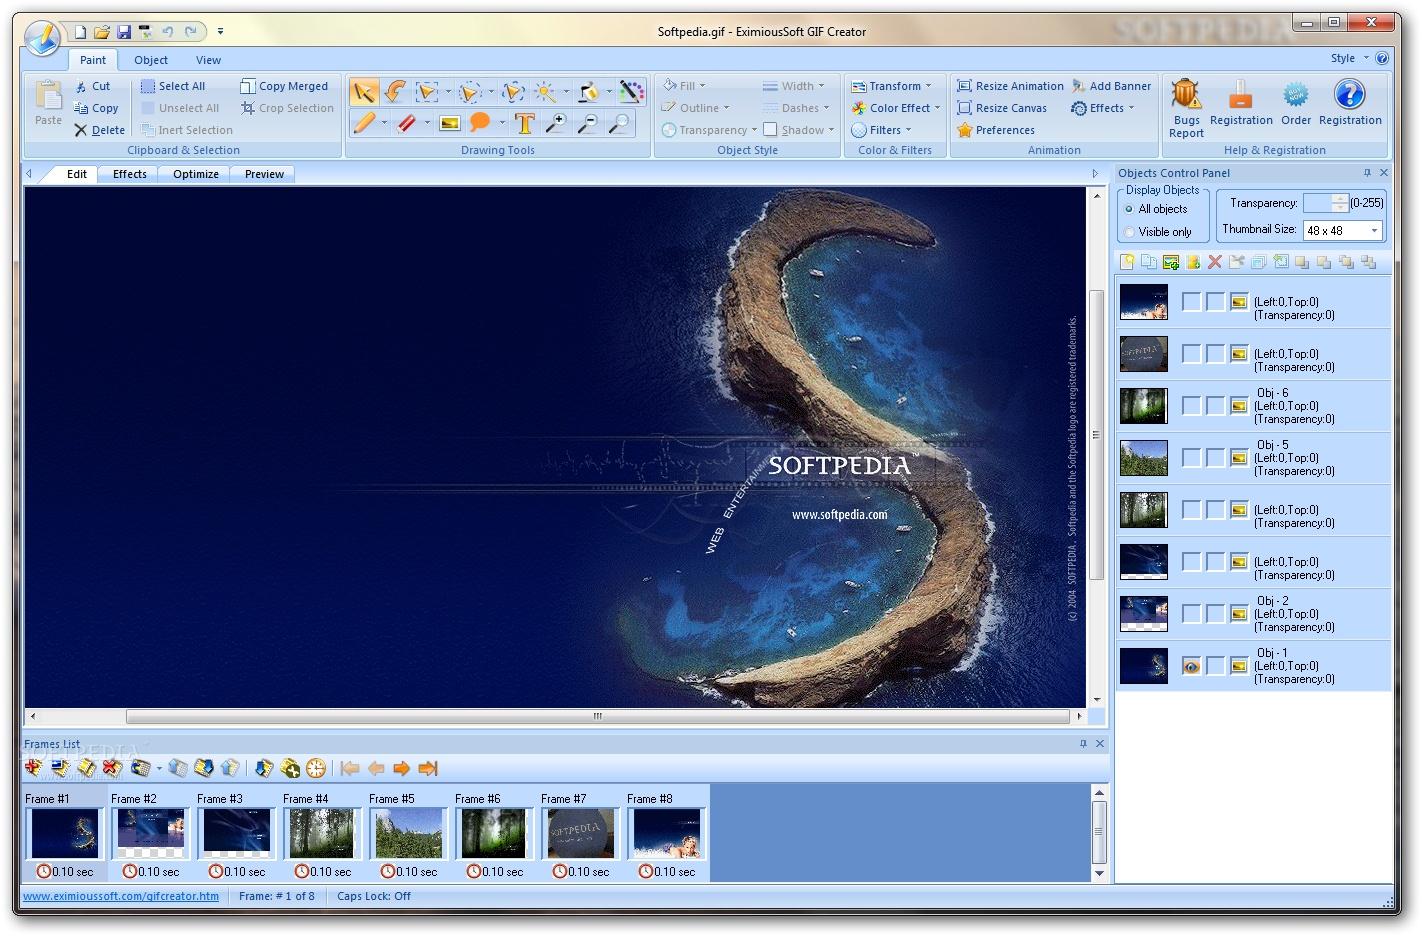 Interfaccia grafica del programma EximiousSoft GIF Creator